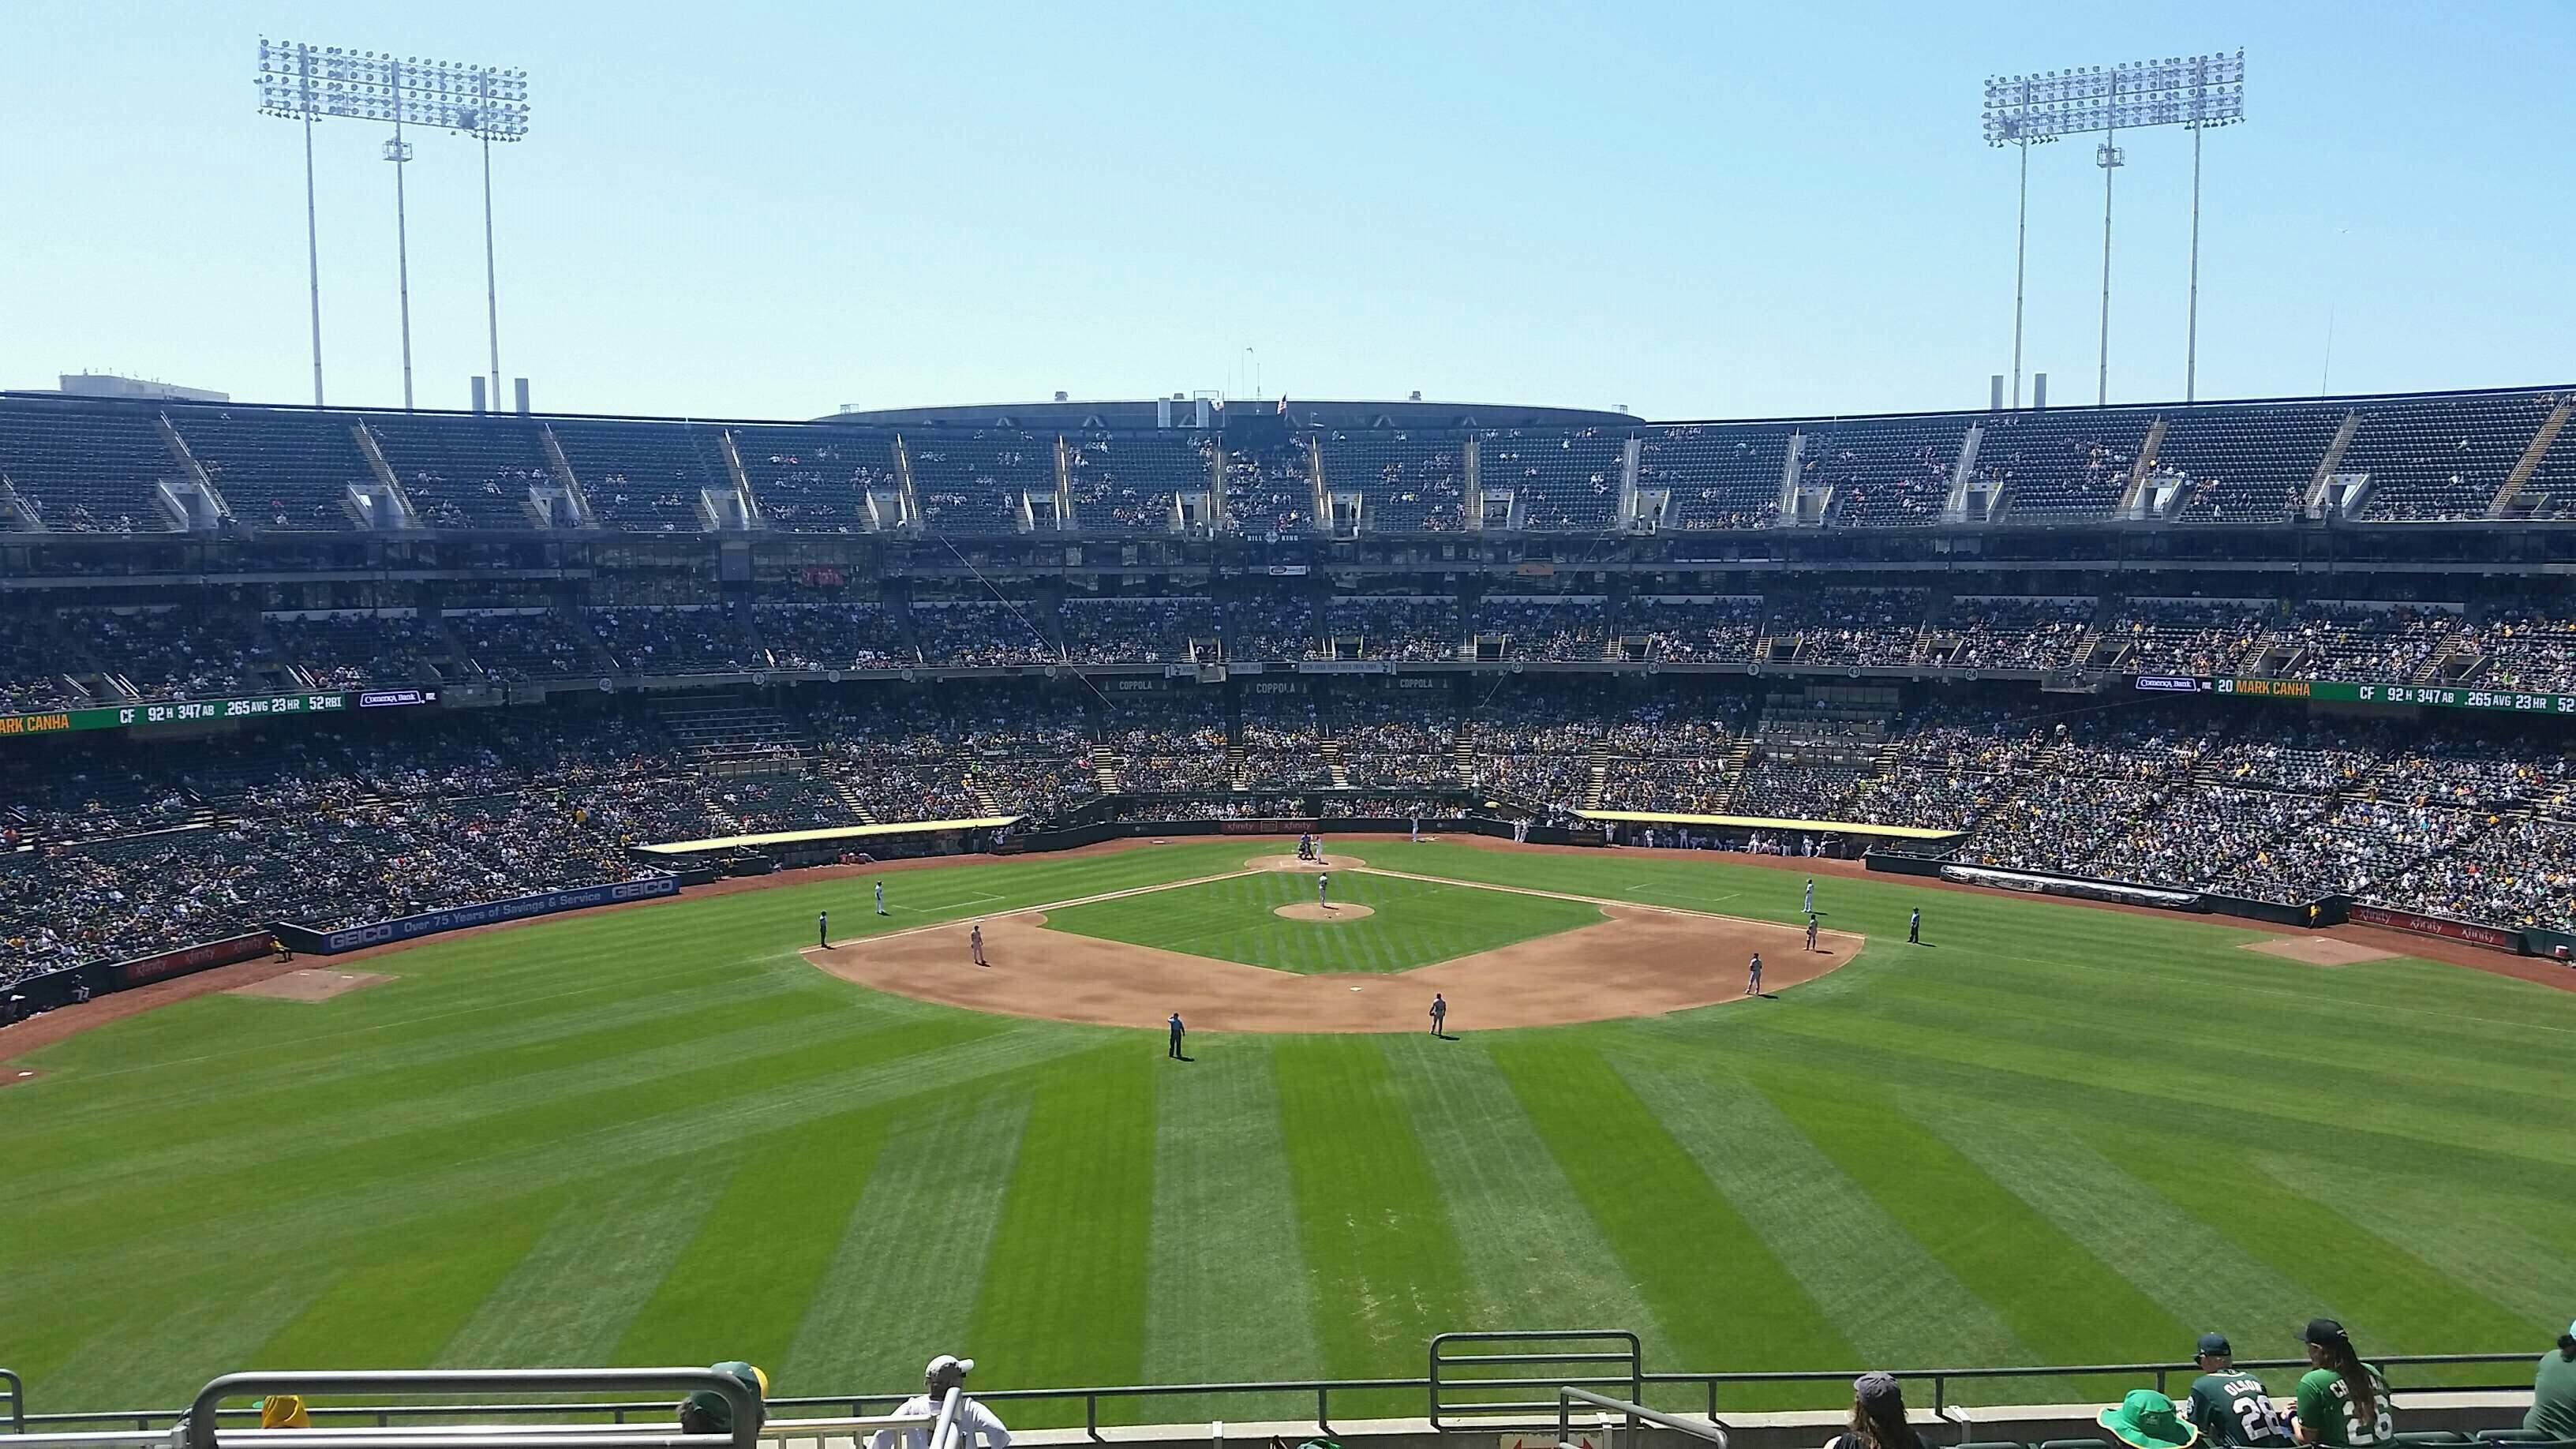 Oakland Coliseum Secção 243 Fila 13 Lugar 3